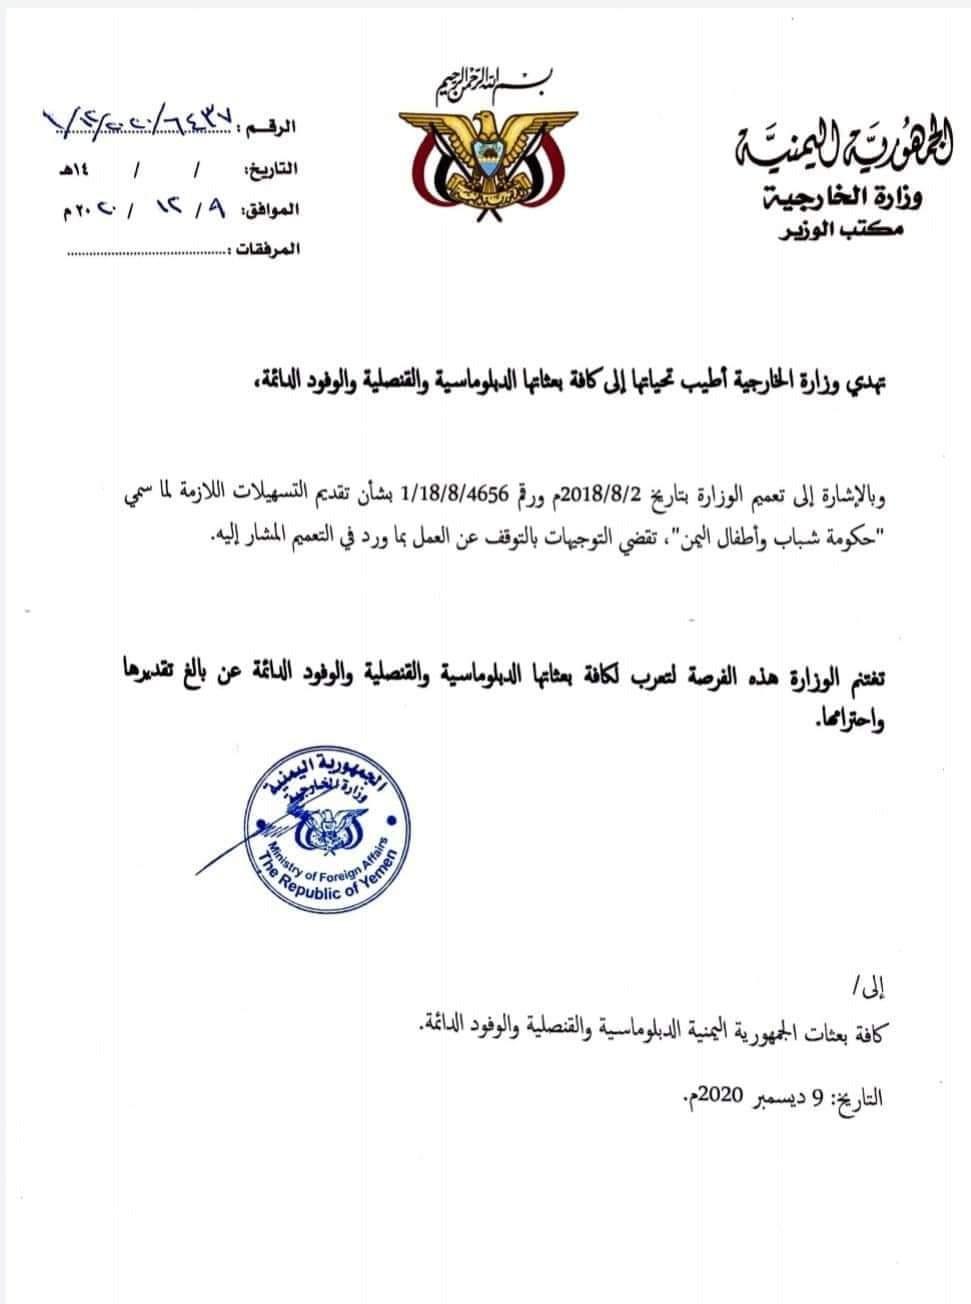 مذكرة رسمية تكشف عن مصير الدعم الحكومي السابق لحكومة الأطفال